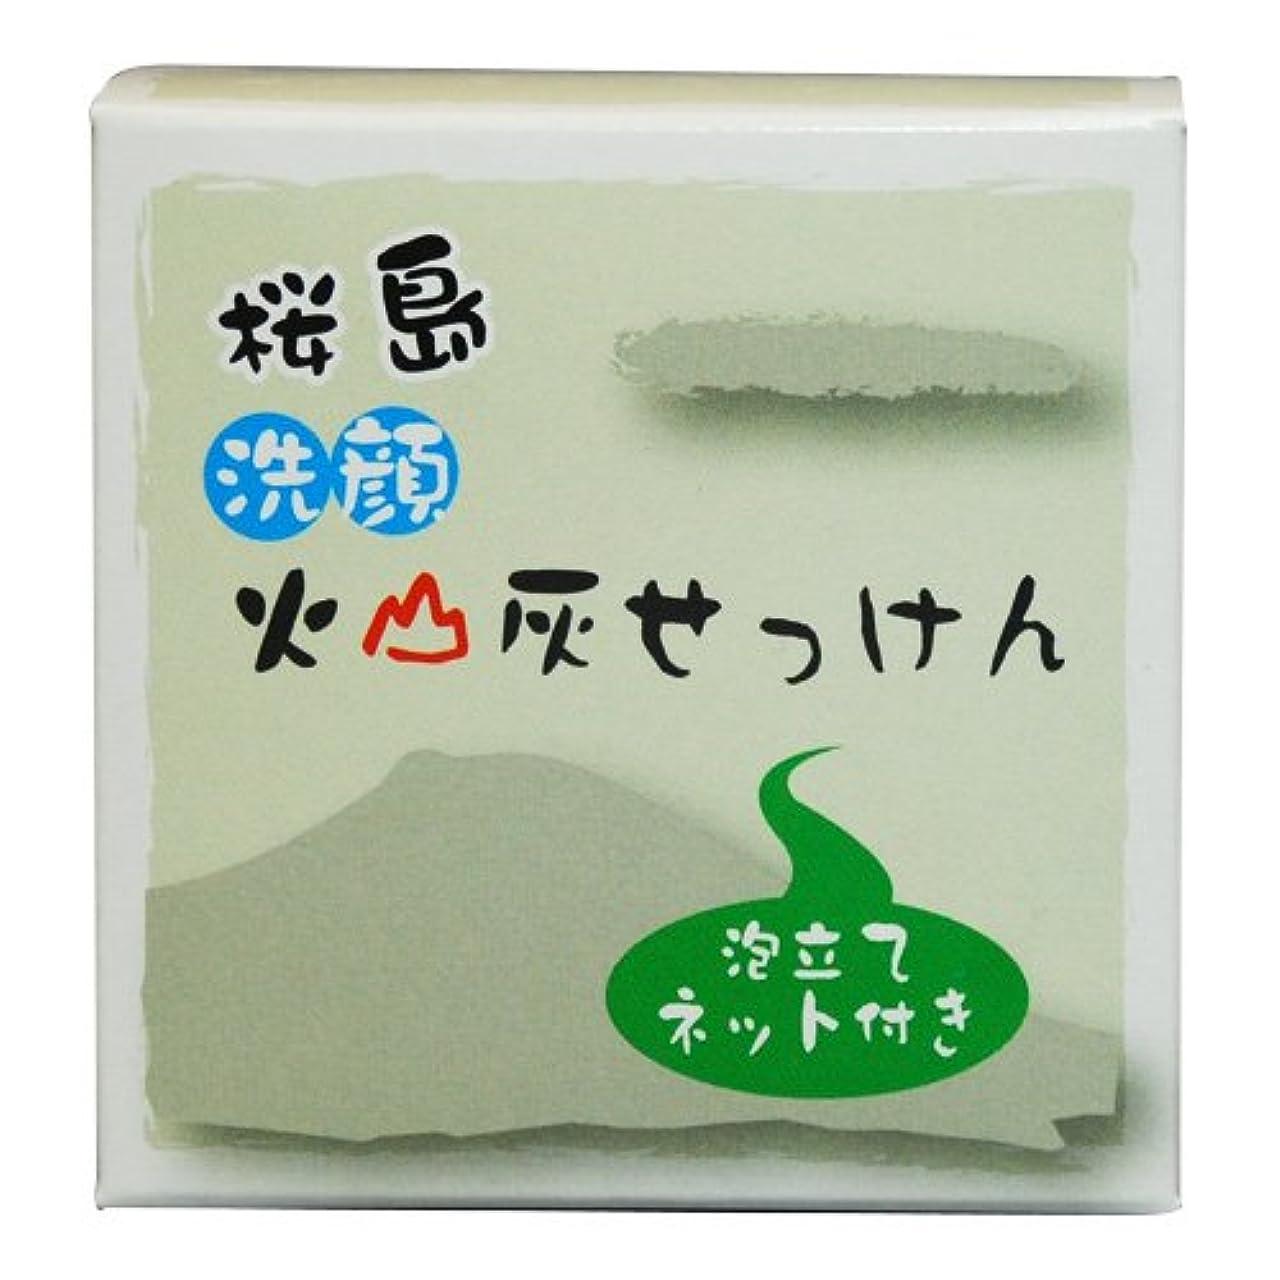 発生器ジェスチャーライナー桜島洗顔火山灰せっけん(泡立てネット付き)